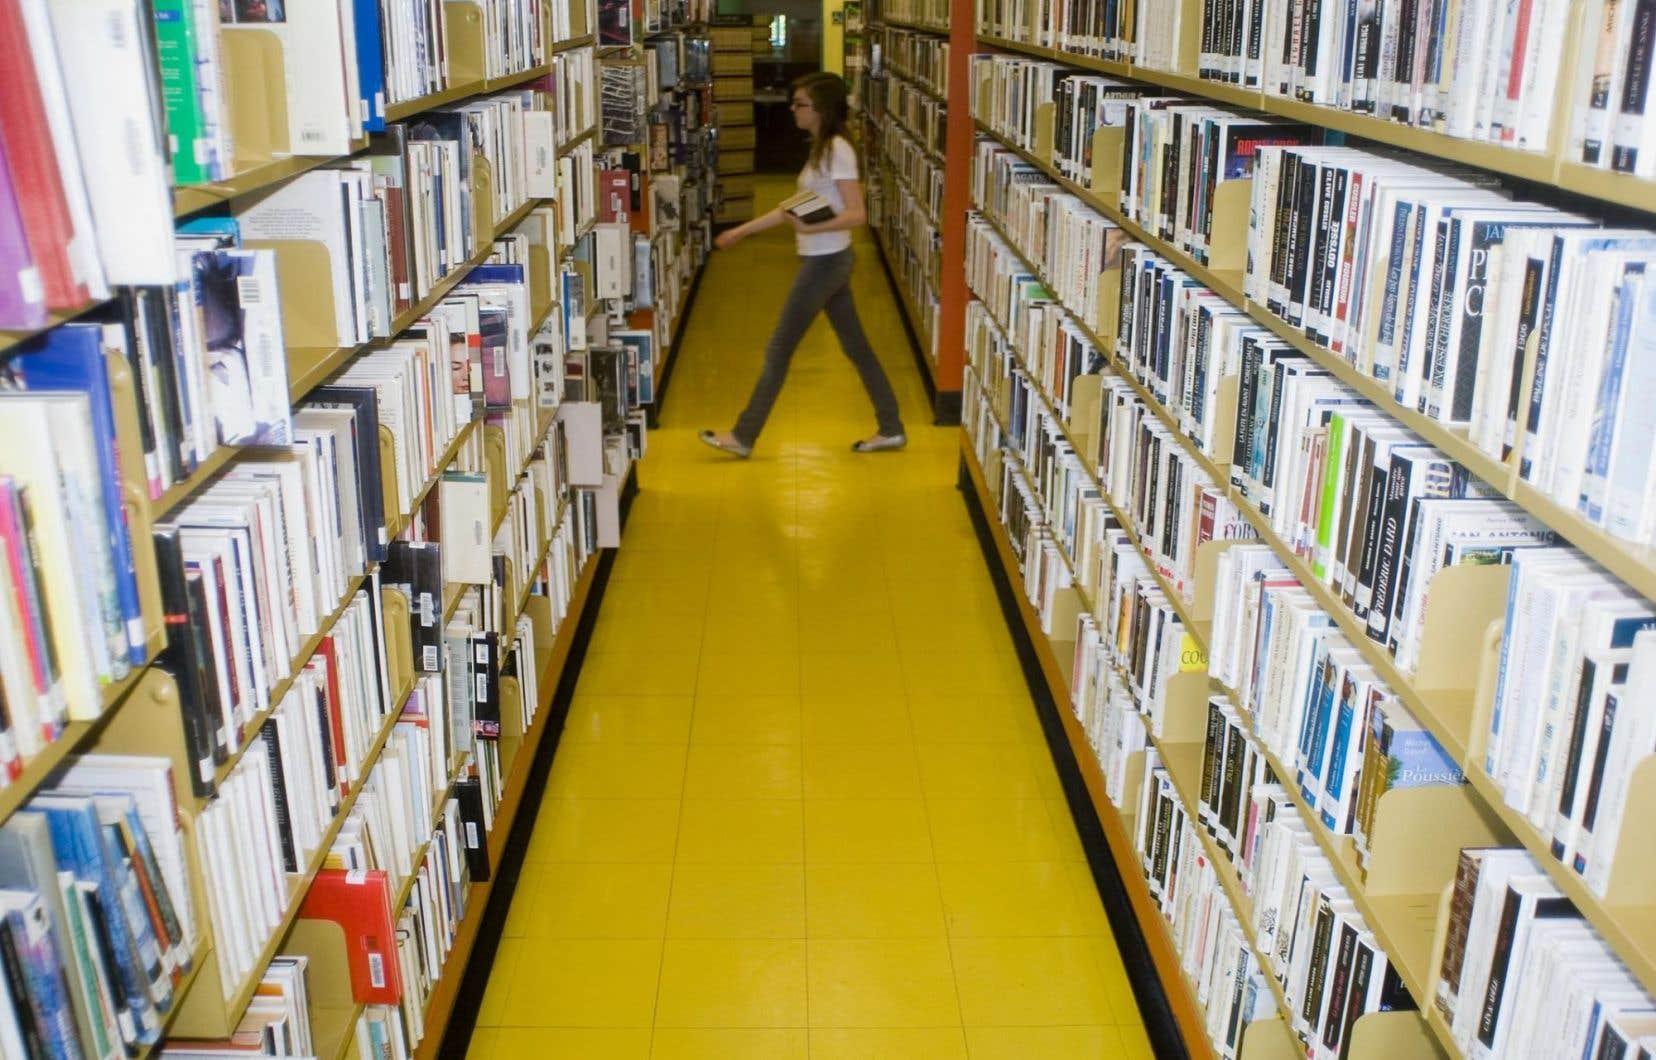 Les livres nous suivent et nous quittent. Où va donc ce patrimoine?